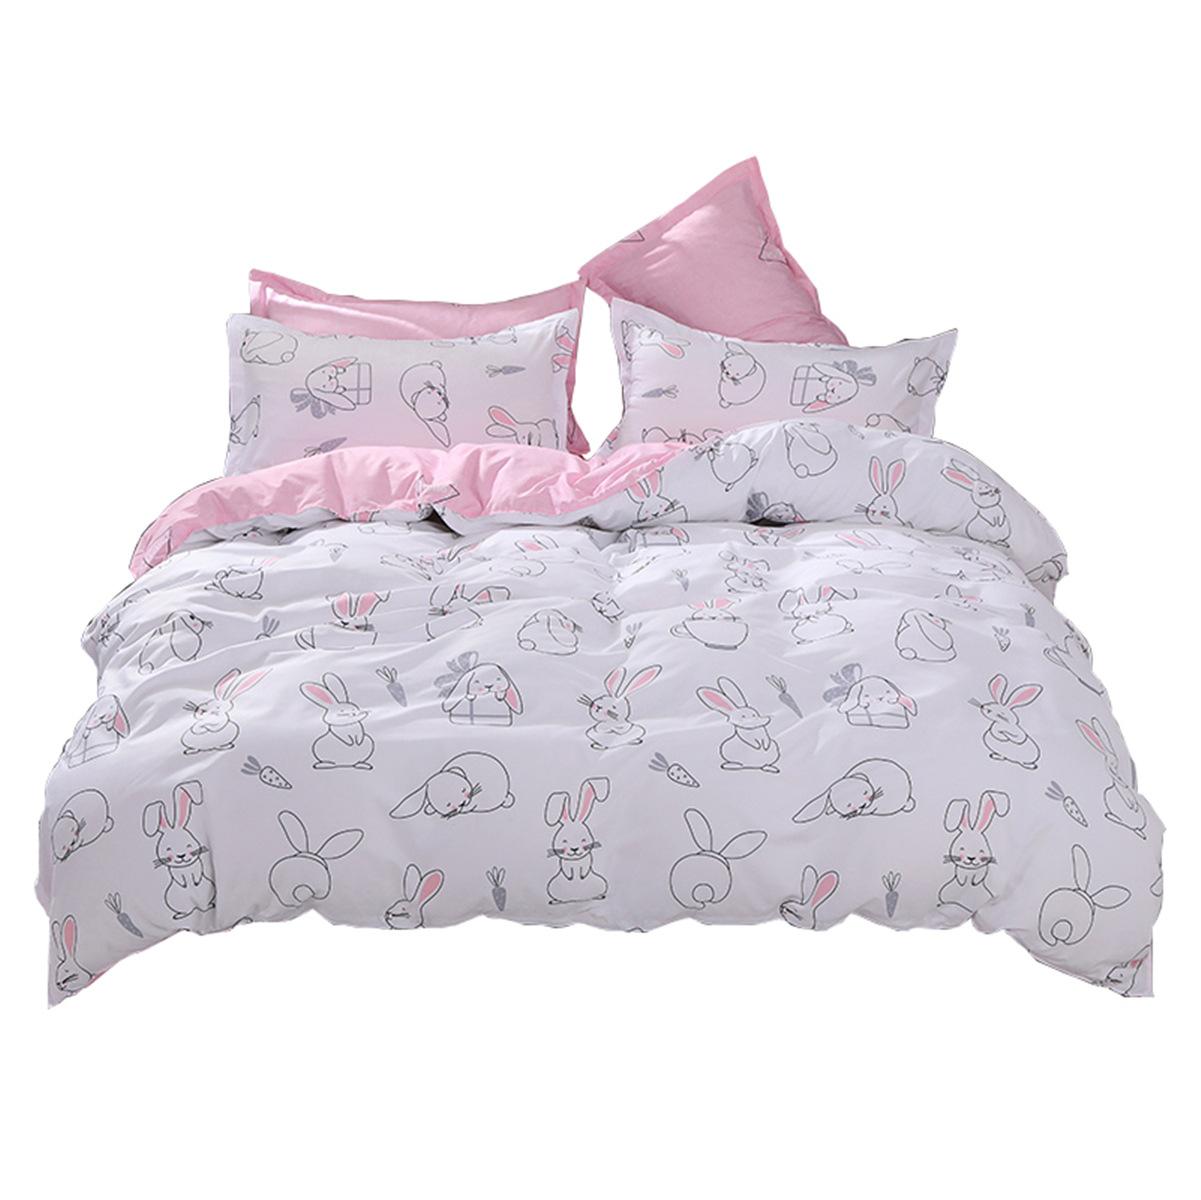 Bộ drap giường Lô thứ chín của mẫu bông mới ba hoặc bốn bộ